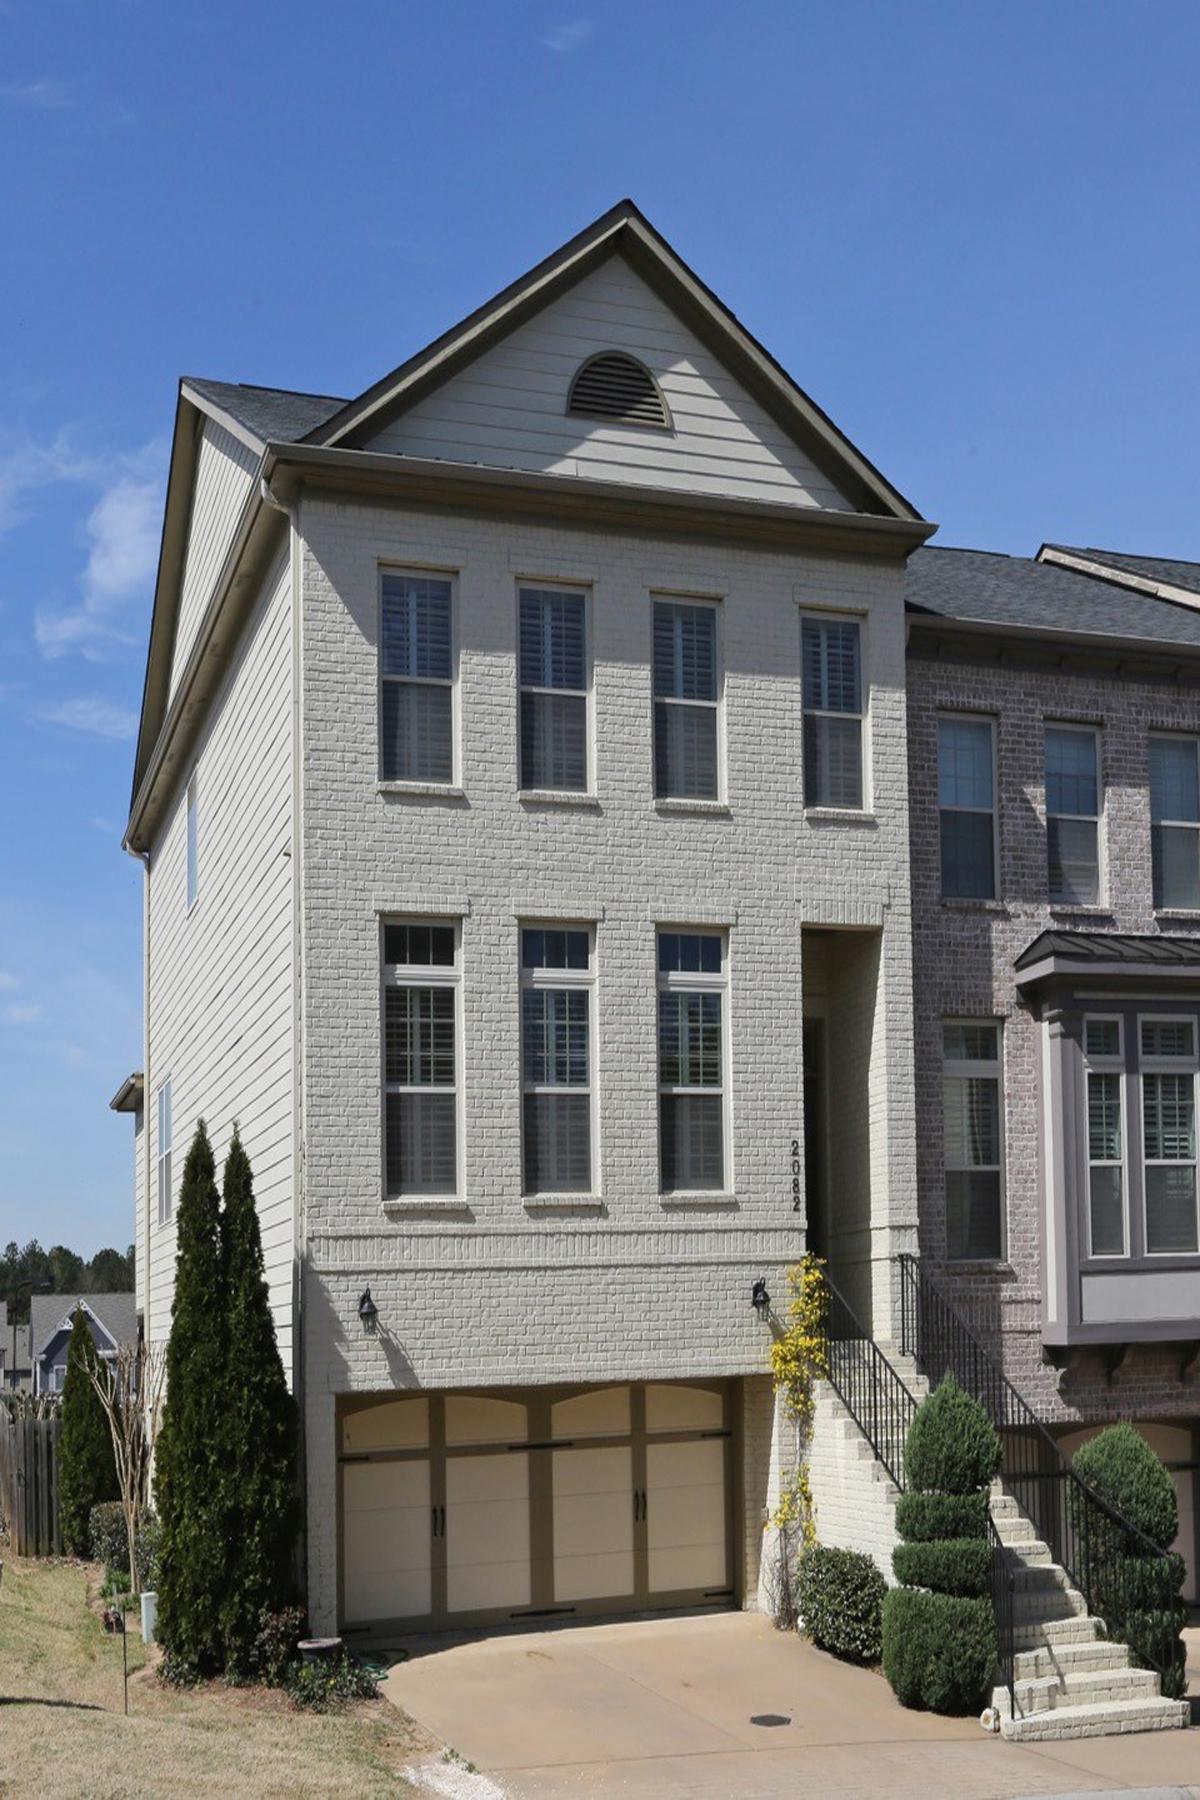 Stadthaus für Verkauf beim Beautiful End Unit Townhome 2082 Silas Way Atlanta, Georgia, 30318 Vereinigte Staaten